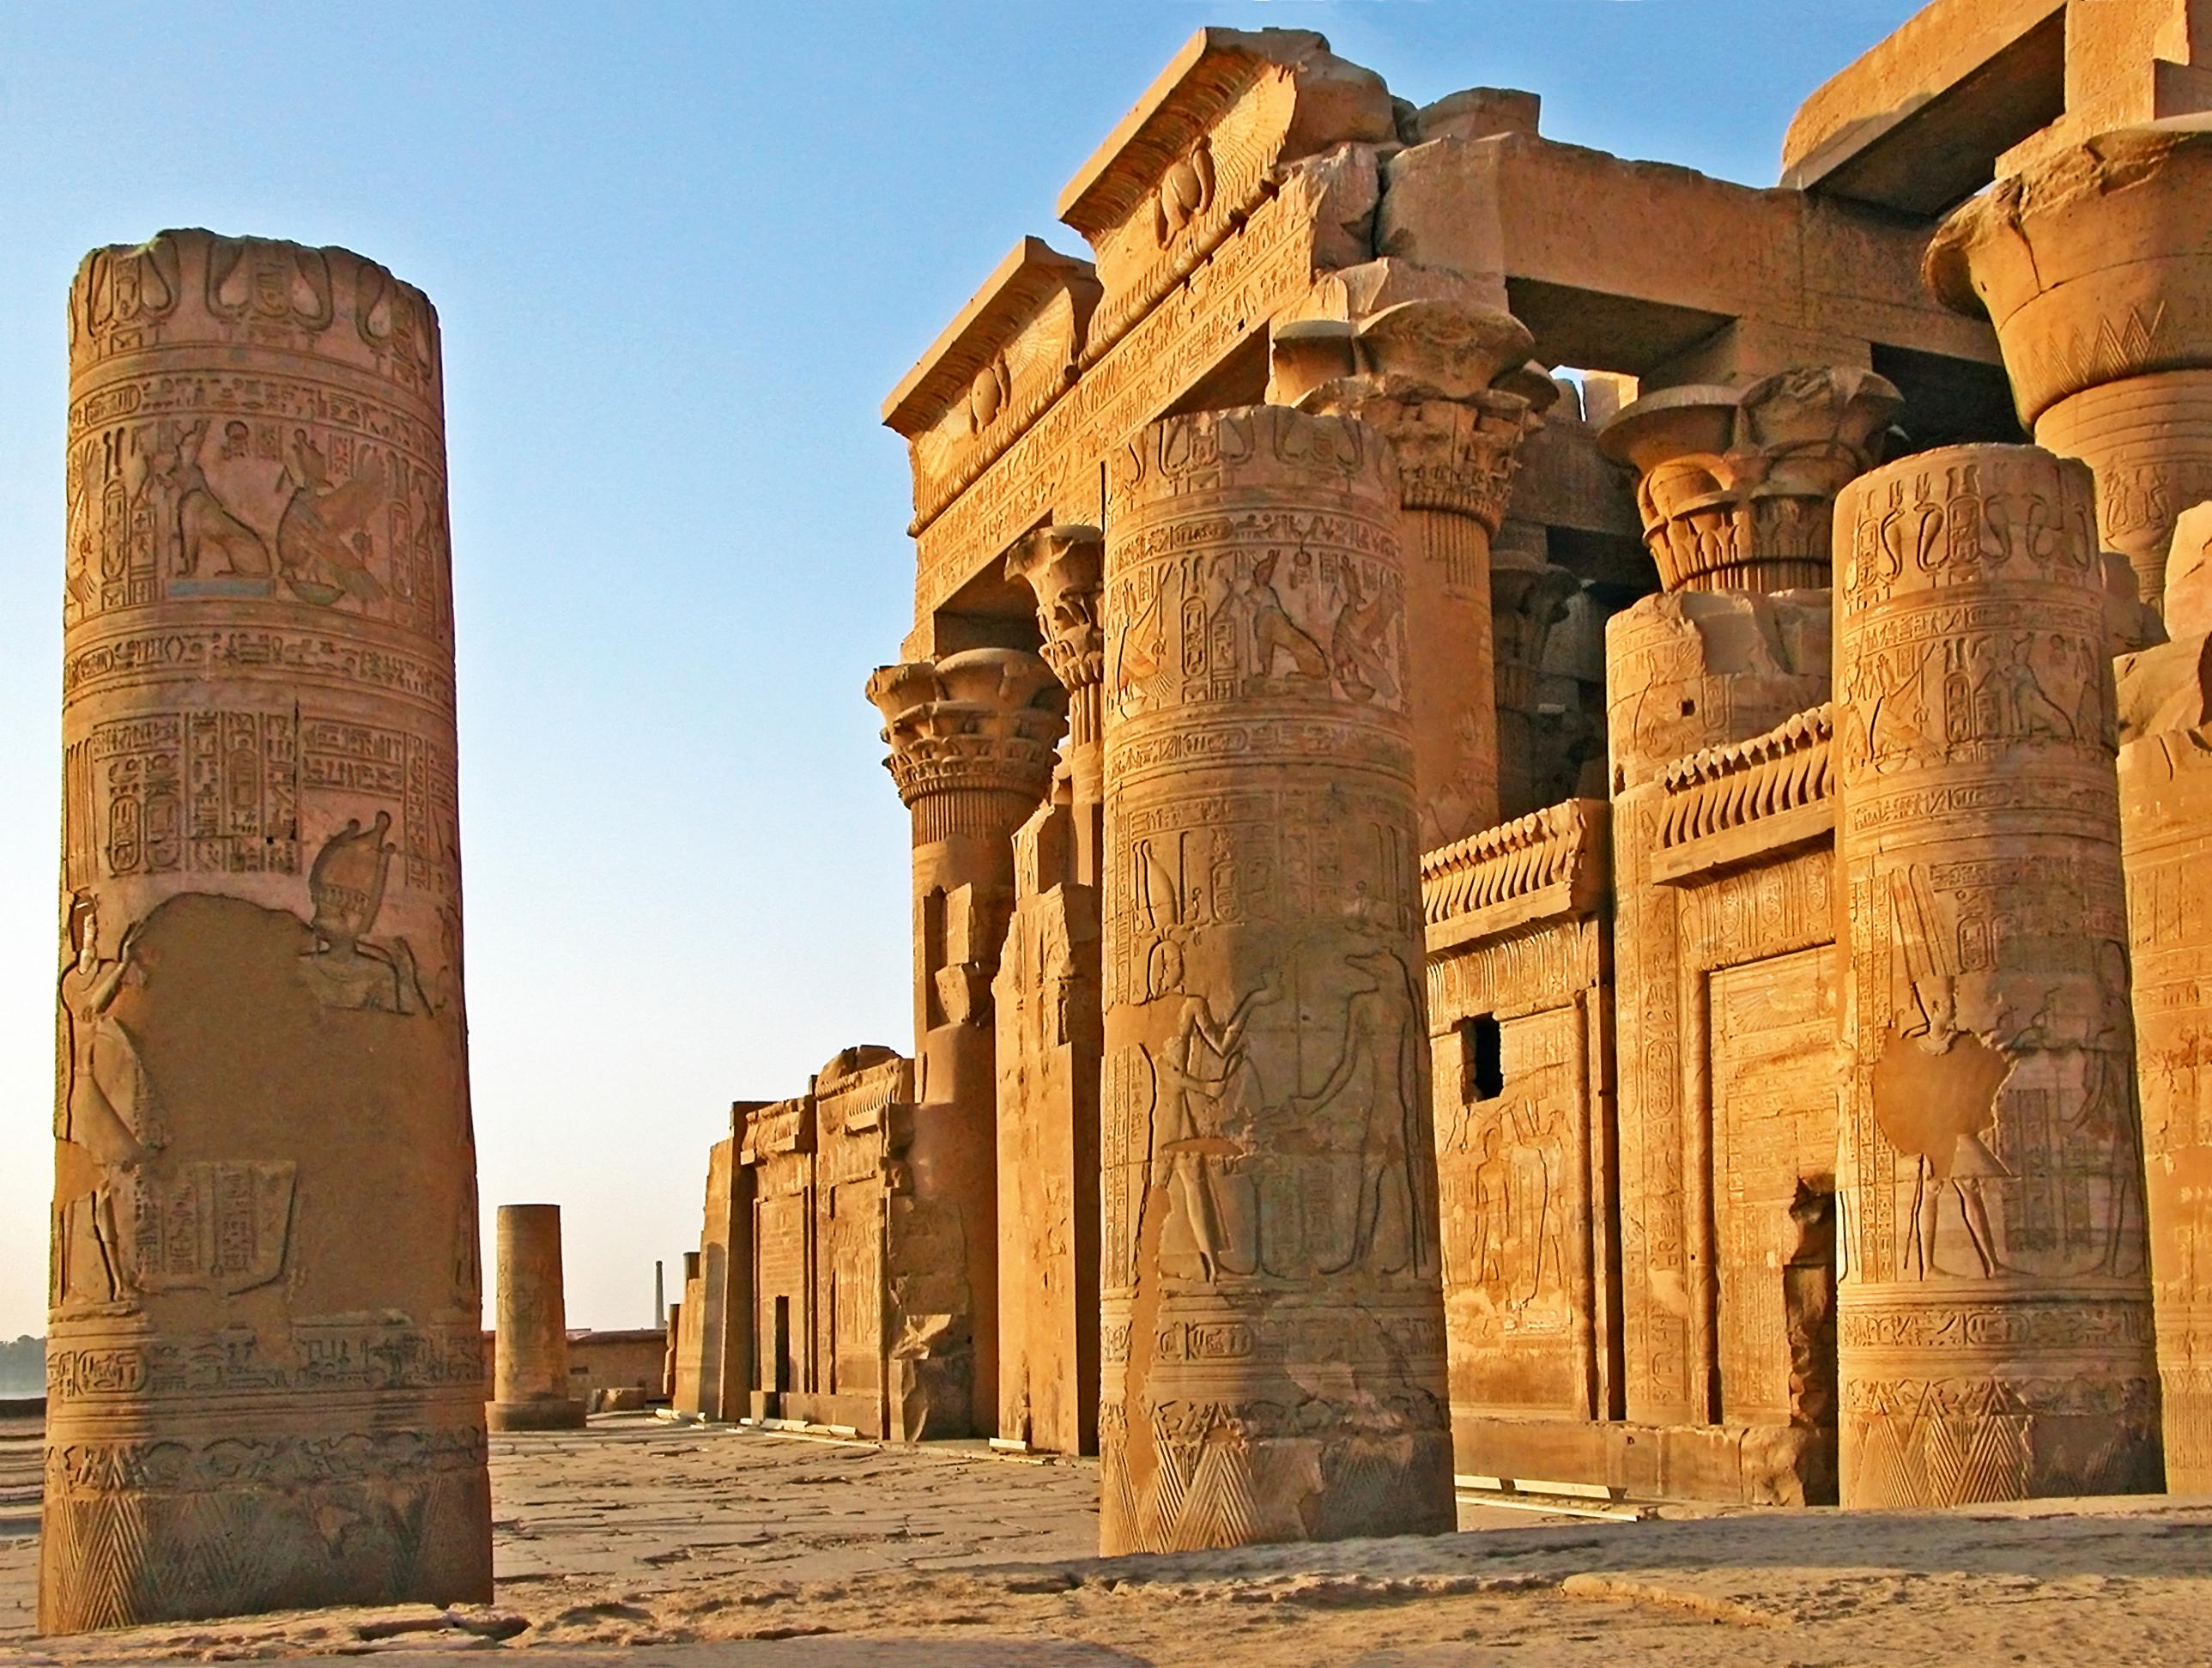 https://upload.wikimedia.org/wikipedia/commons/7/7e/Flickr_-_archer10_%28Dennis%29_-_Egypt-5B-040_-_Komombo_Temple.jpg